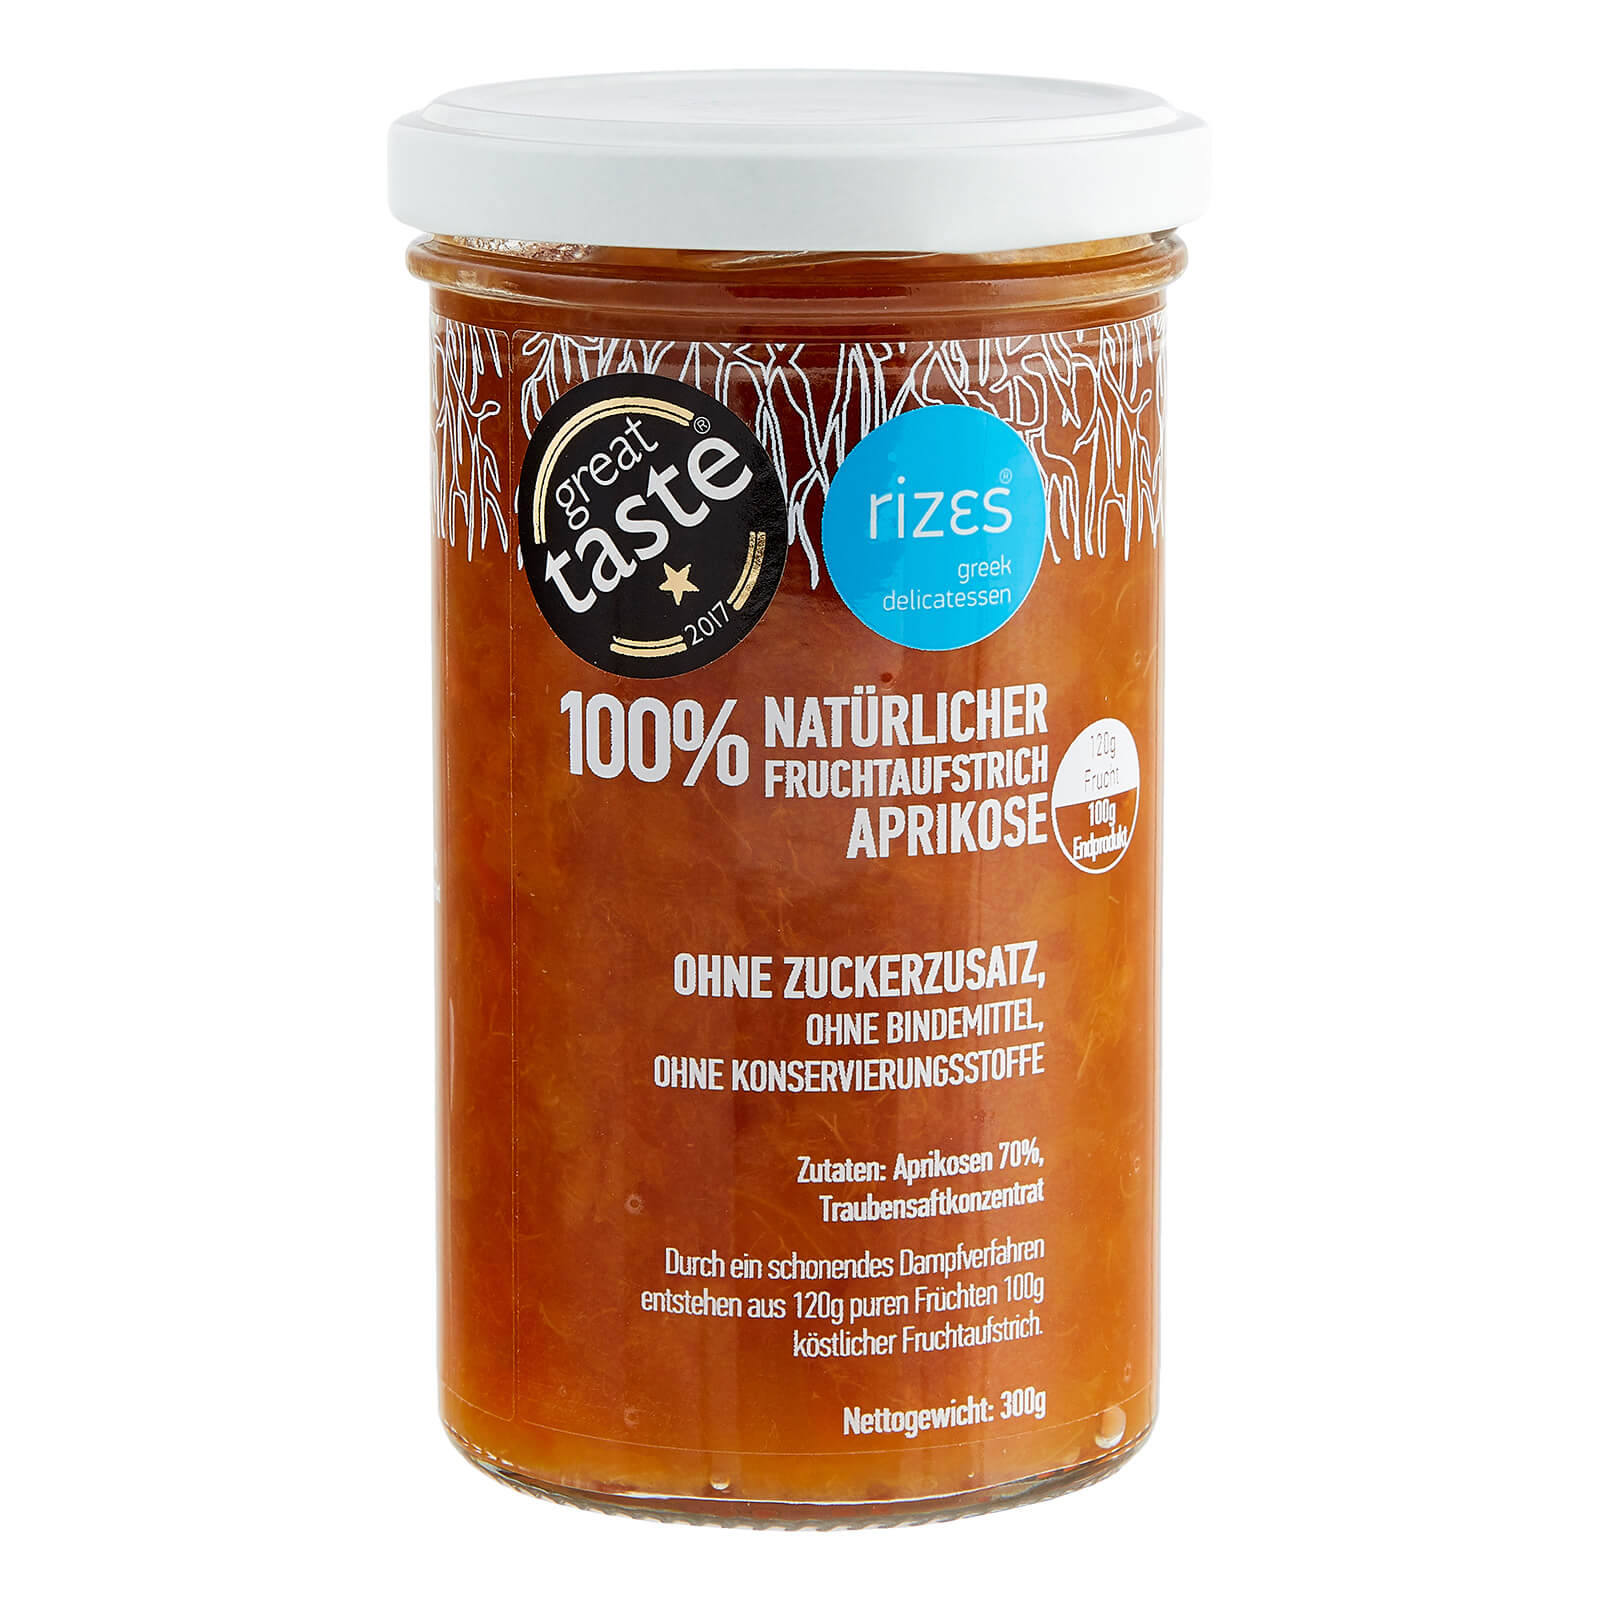 Aprikosen Marmelade ohne Zucker im Glas